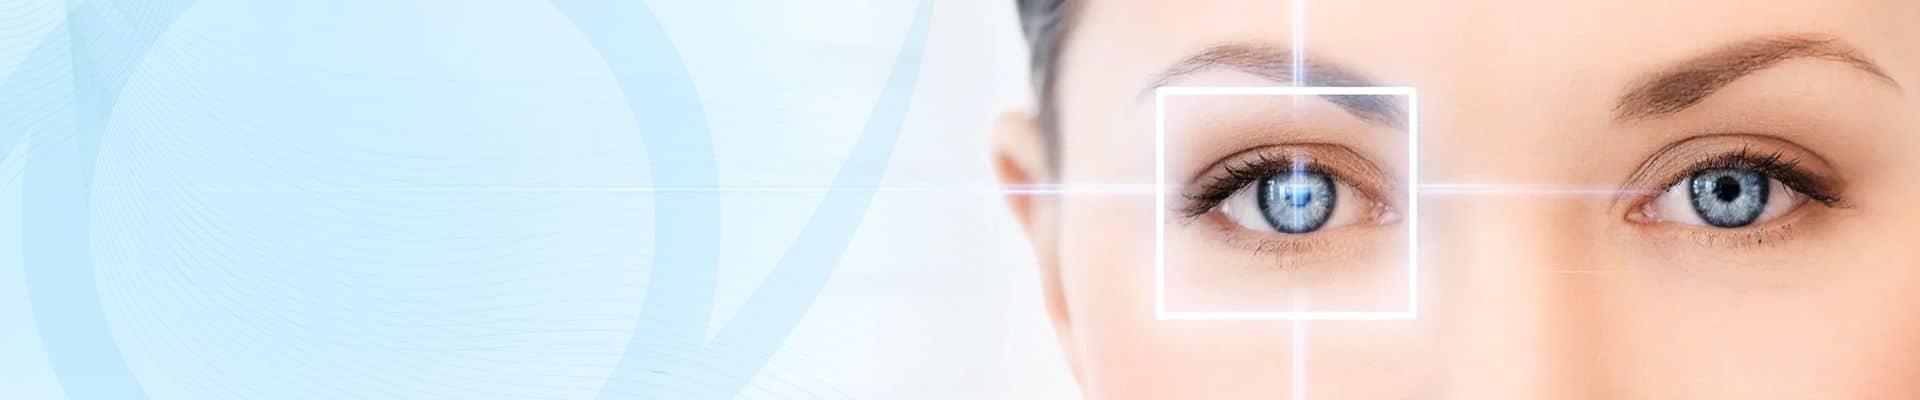 látáscsökkenés 40 év után Hyperopia látásom van